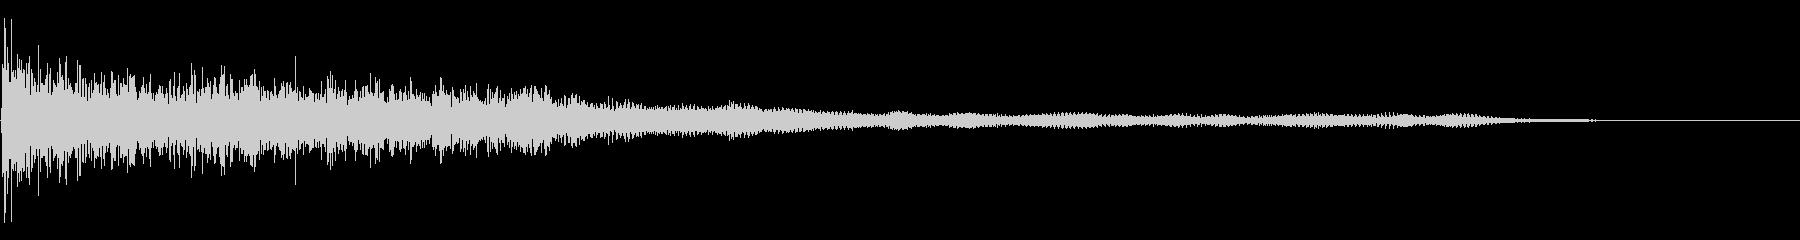 開始タグの未再生の波形